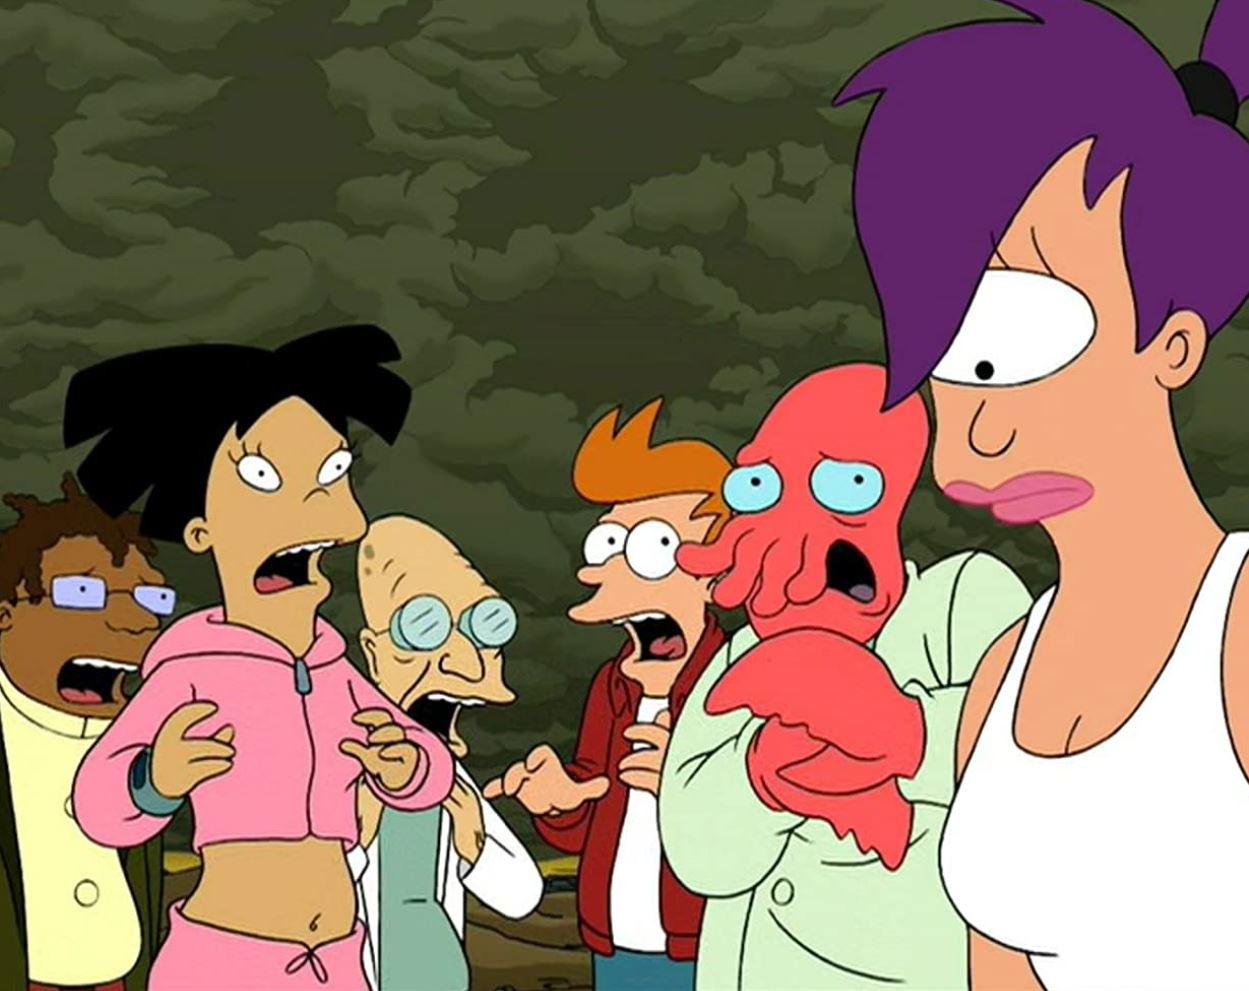 The Futurama crew